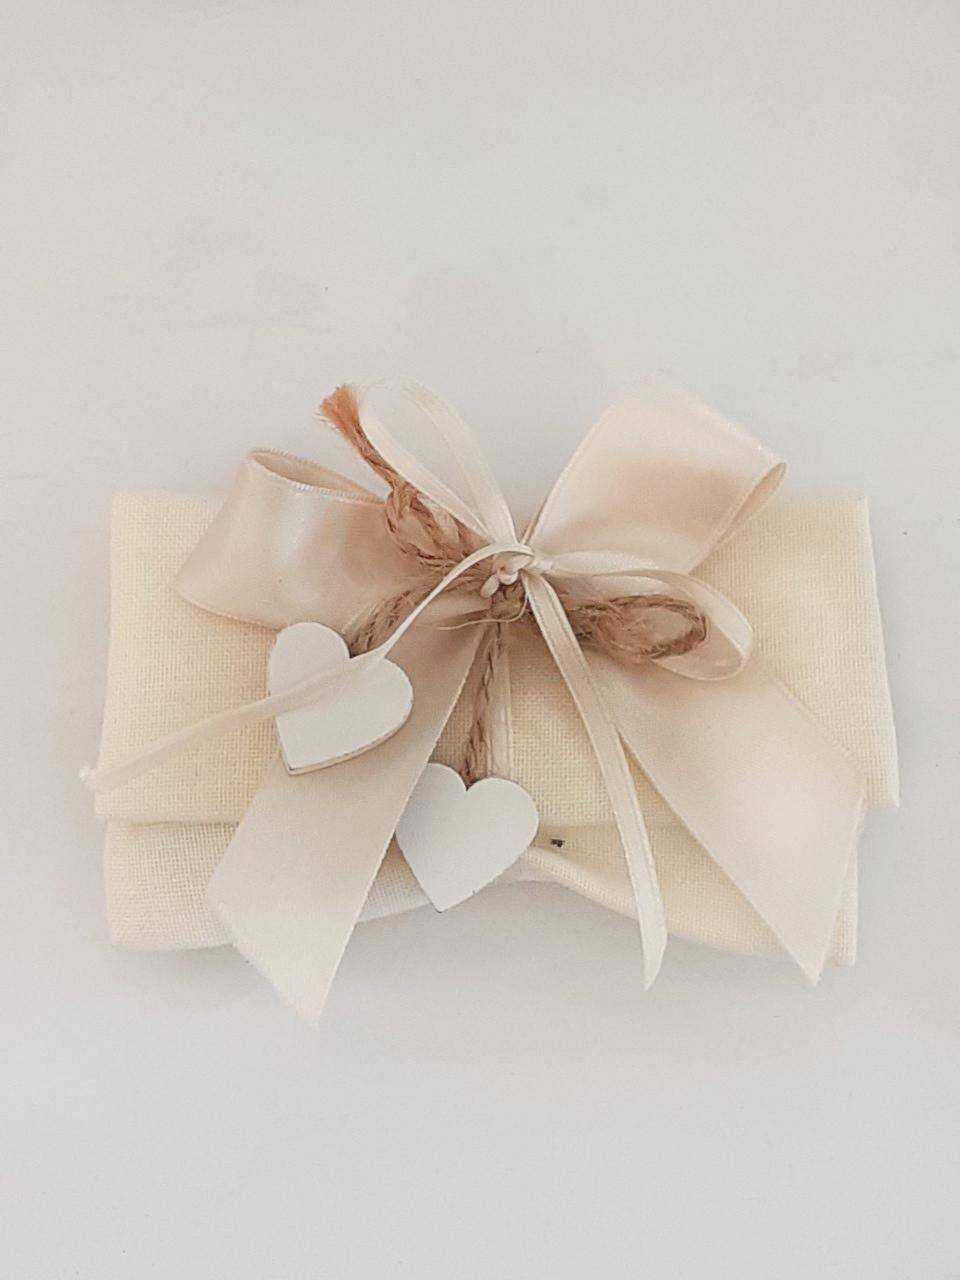 <B style='color:red'>SOLO BOLOGNA E PROVINCIA</B> - Pochette comprensiva di pergamena personalizzata e 5 confetti - Ordine minimo 50 pezzi